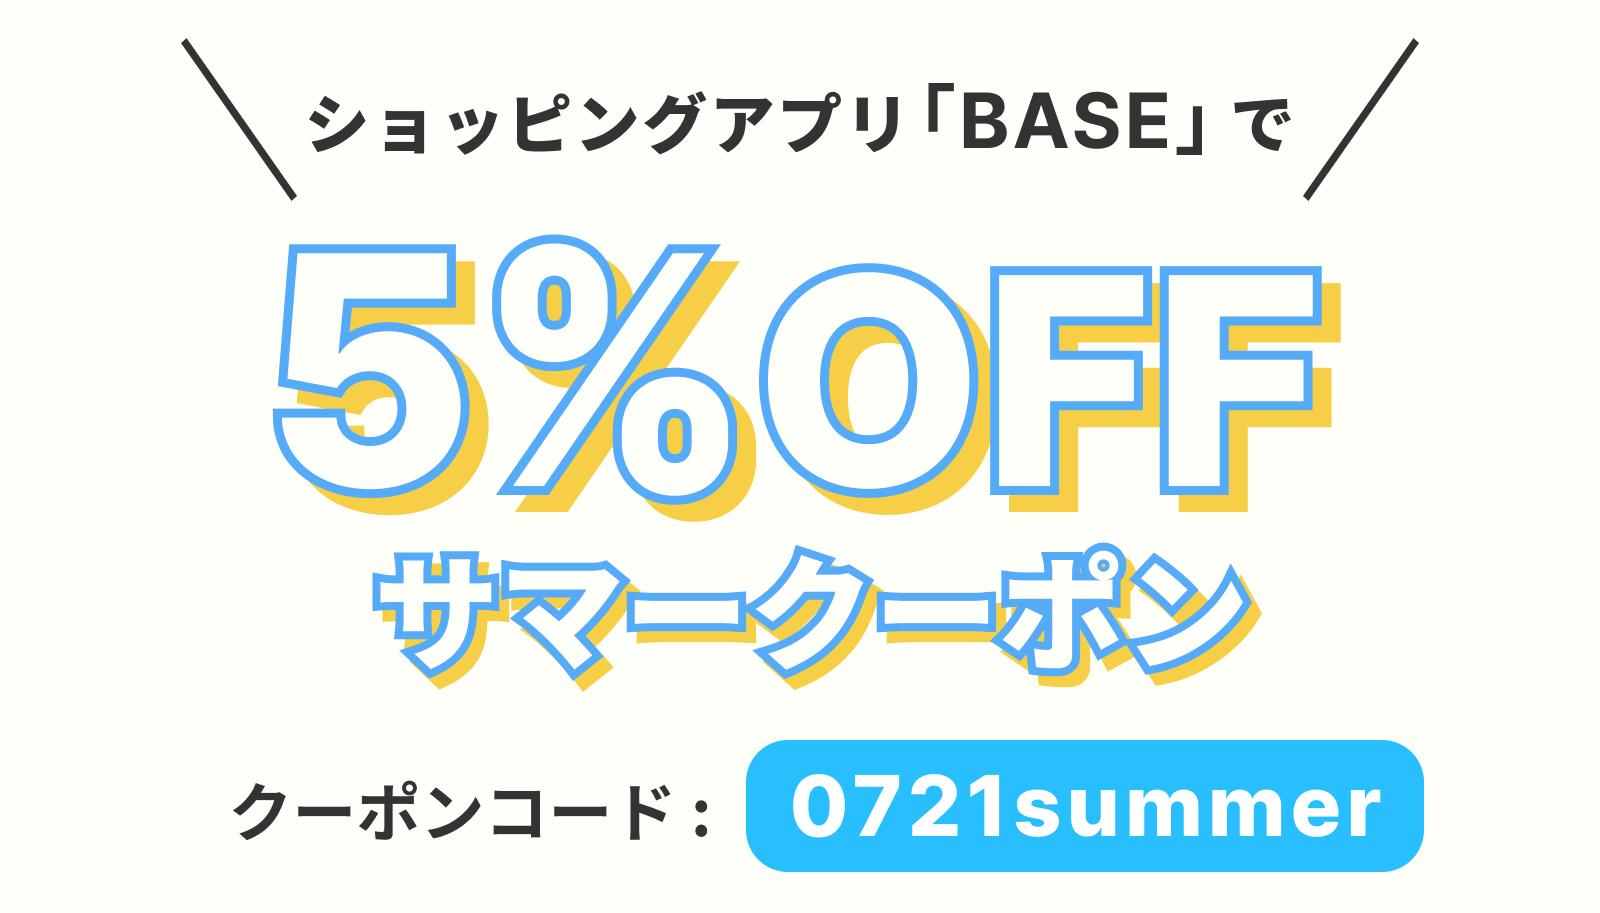 7/21(水)から!クーポンコード【0721summer】ご入力で5%OFF!!